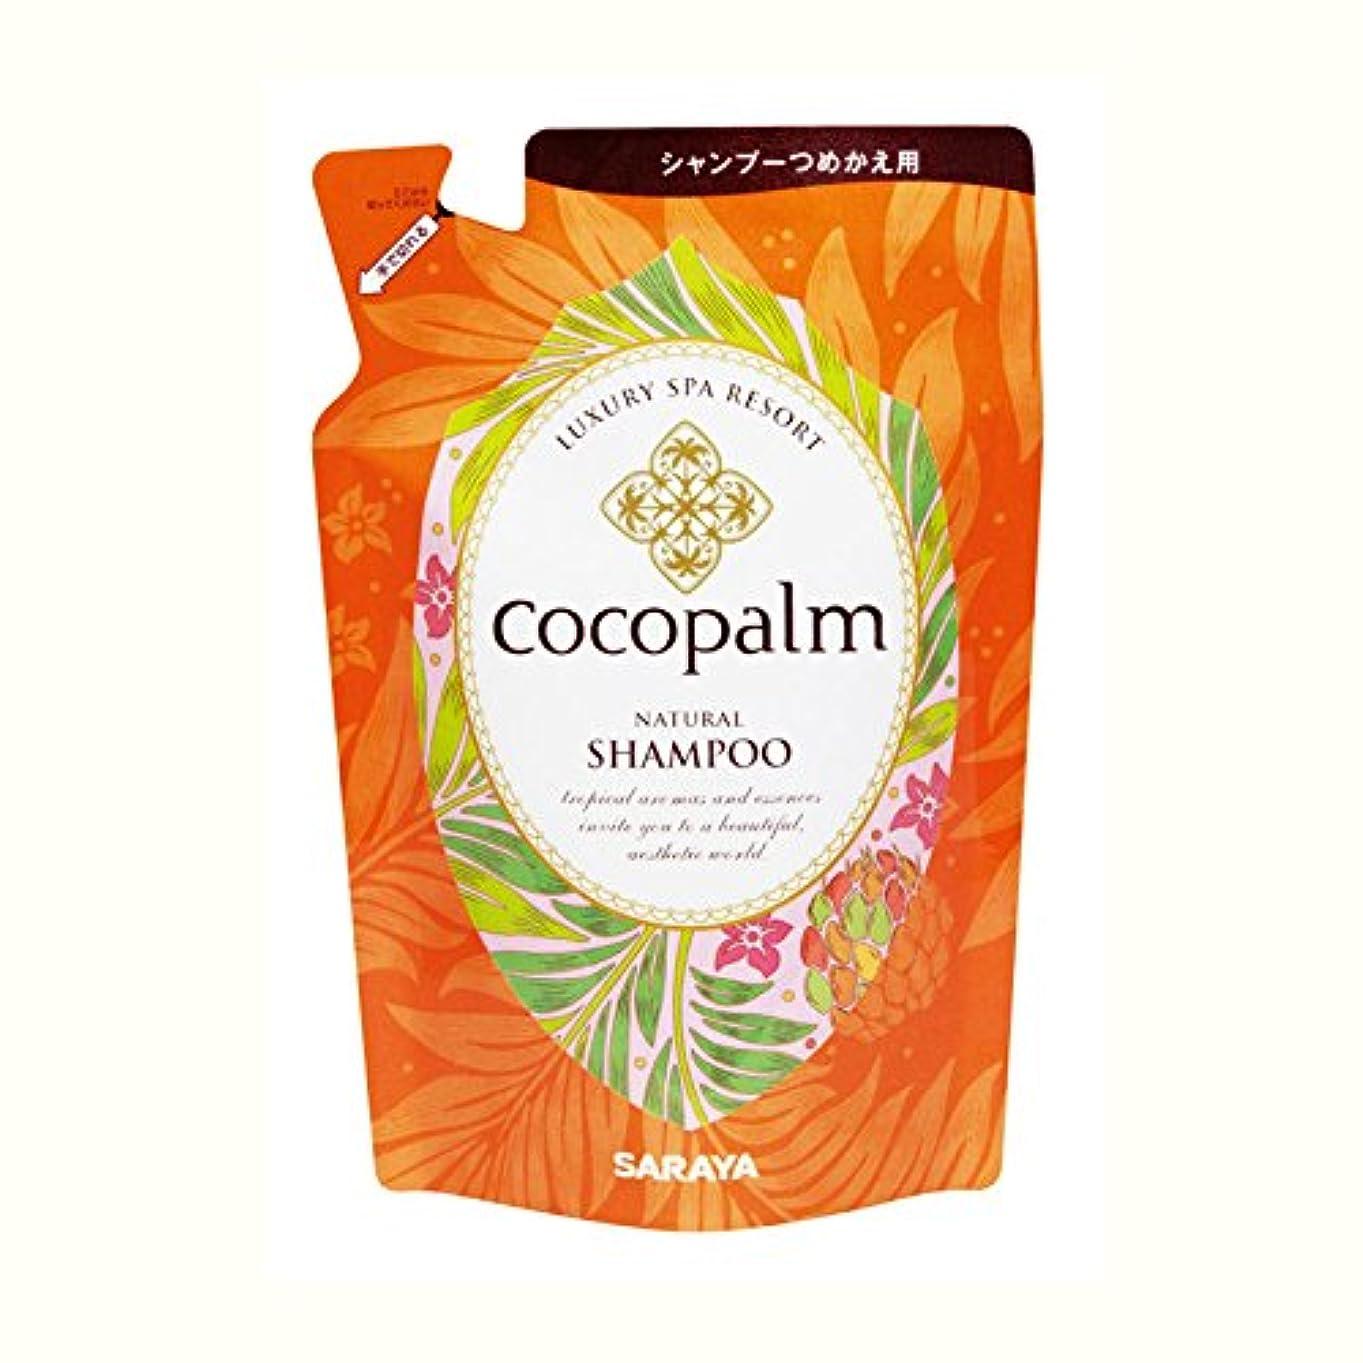 かる花瓶香ばしいココパームナチュラルシャンプー詰替500ml